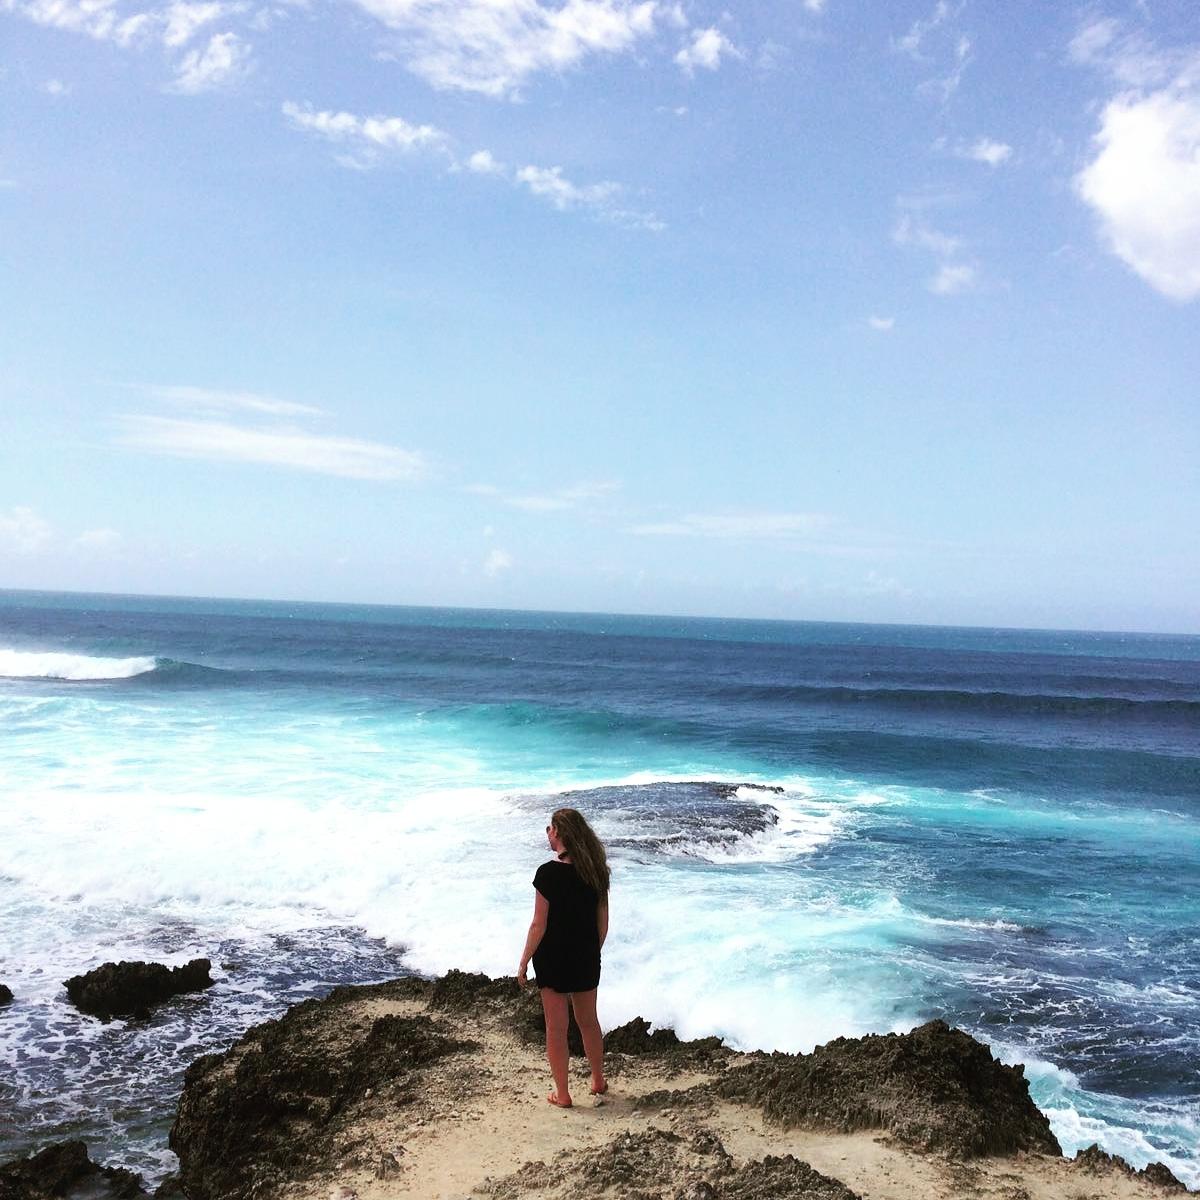 De golven van rouw - Verder met Lef